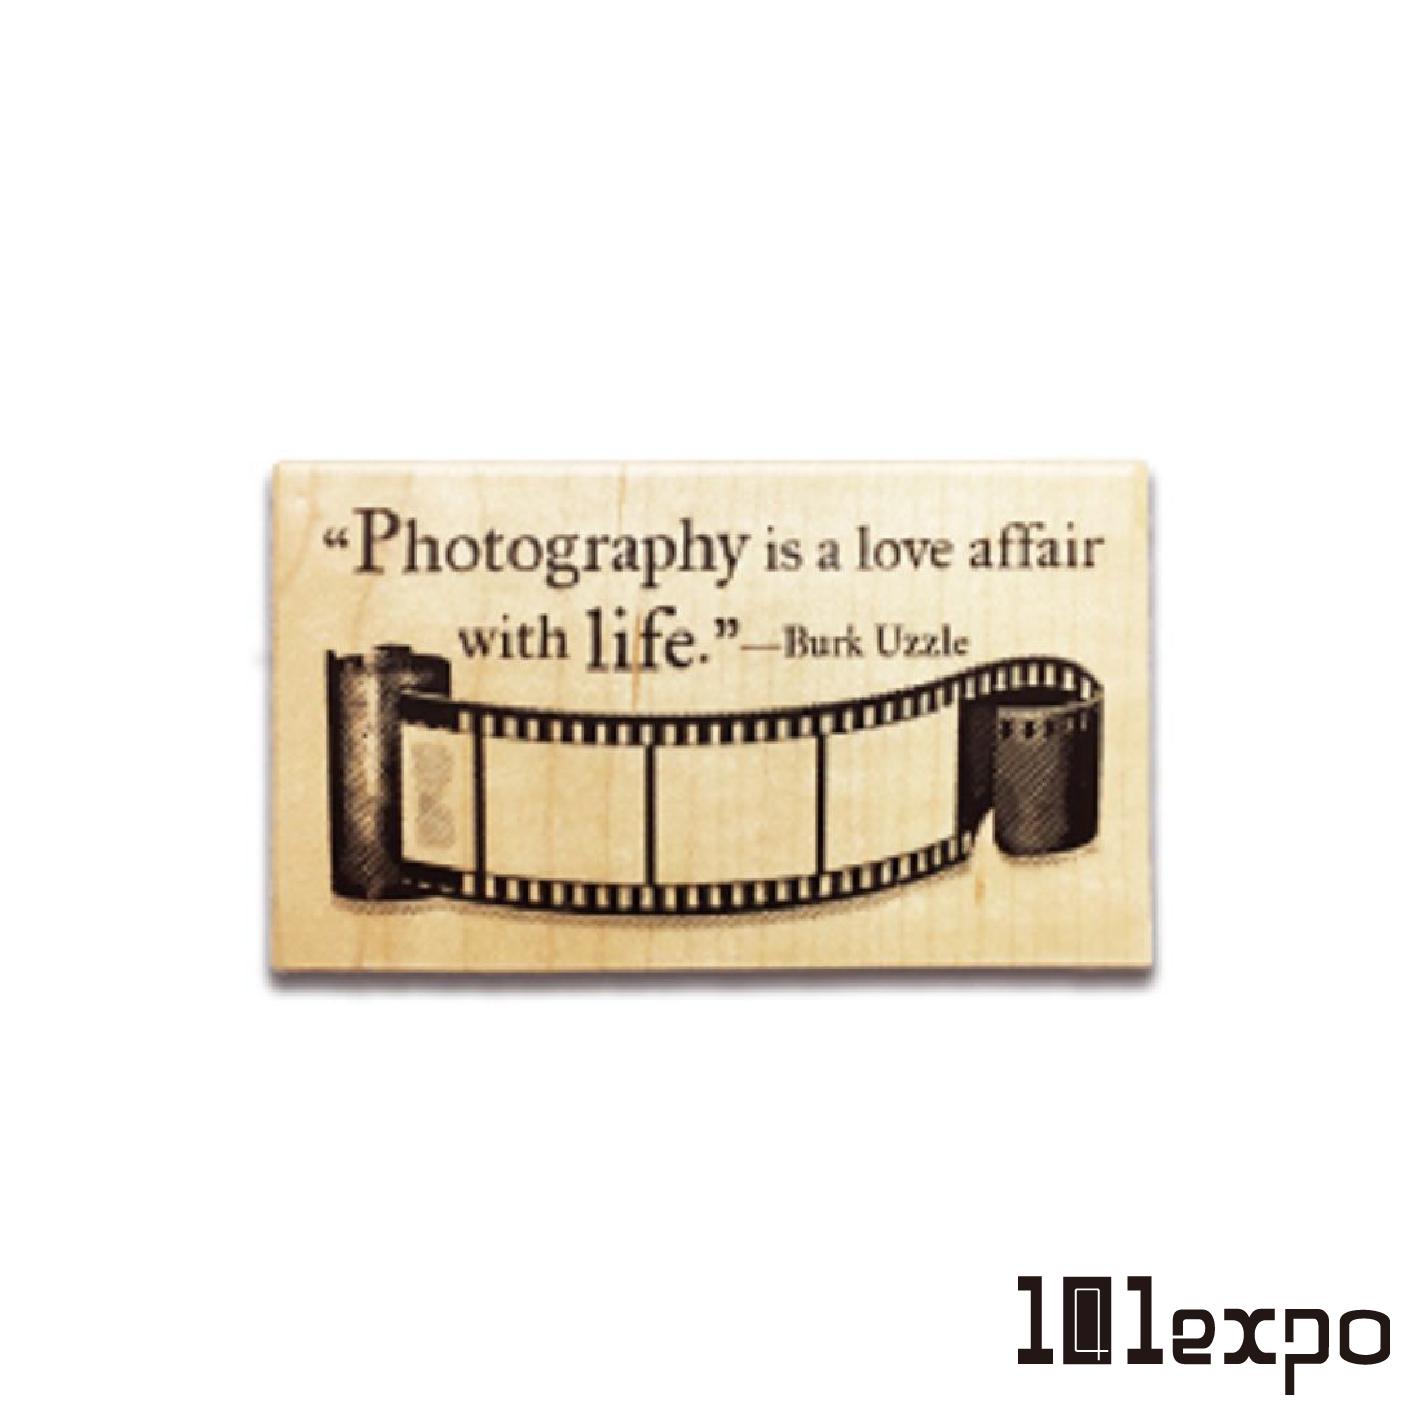 寫筆記 楓木印章 (Write your story / Writing Pad / Photography Life)